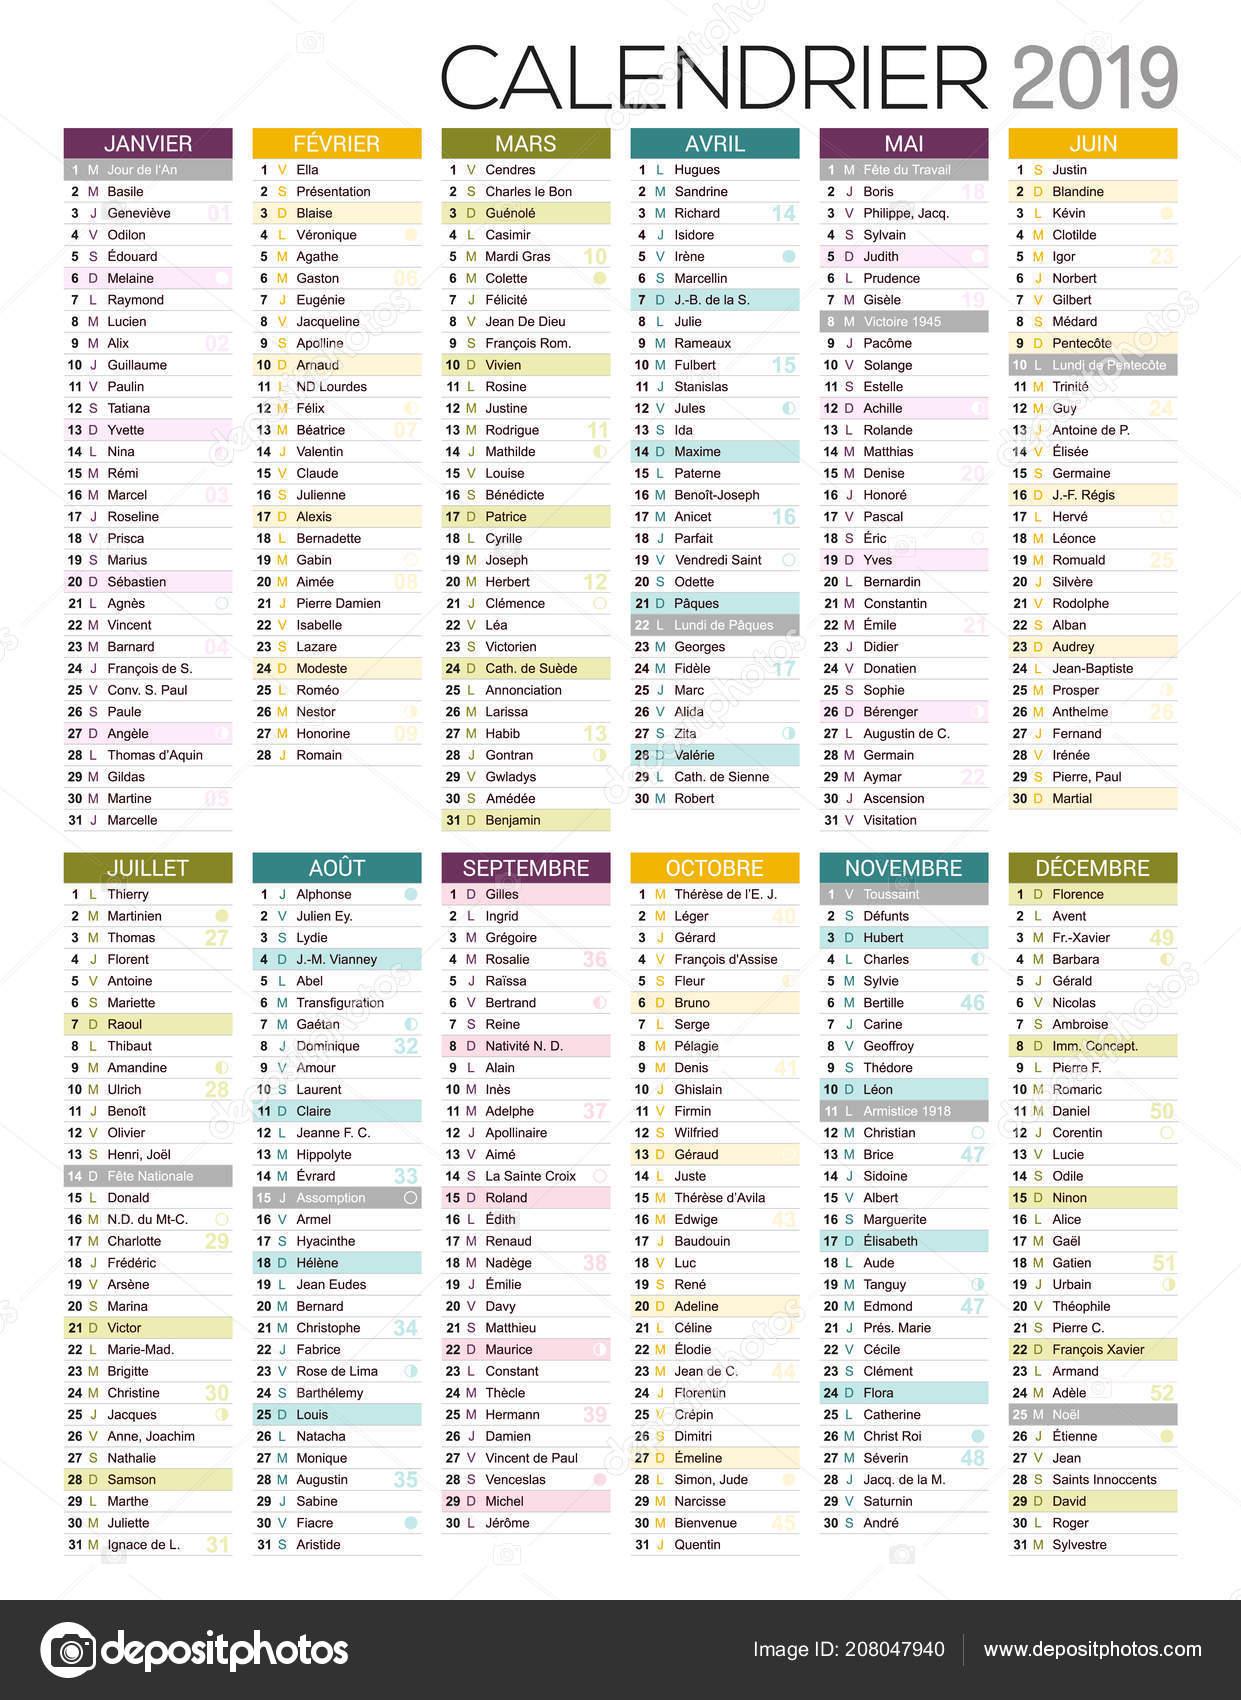 Calendario Frances.Calendario 2019 Modelo Frances Para Impressao Calendario